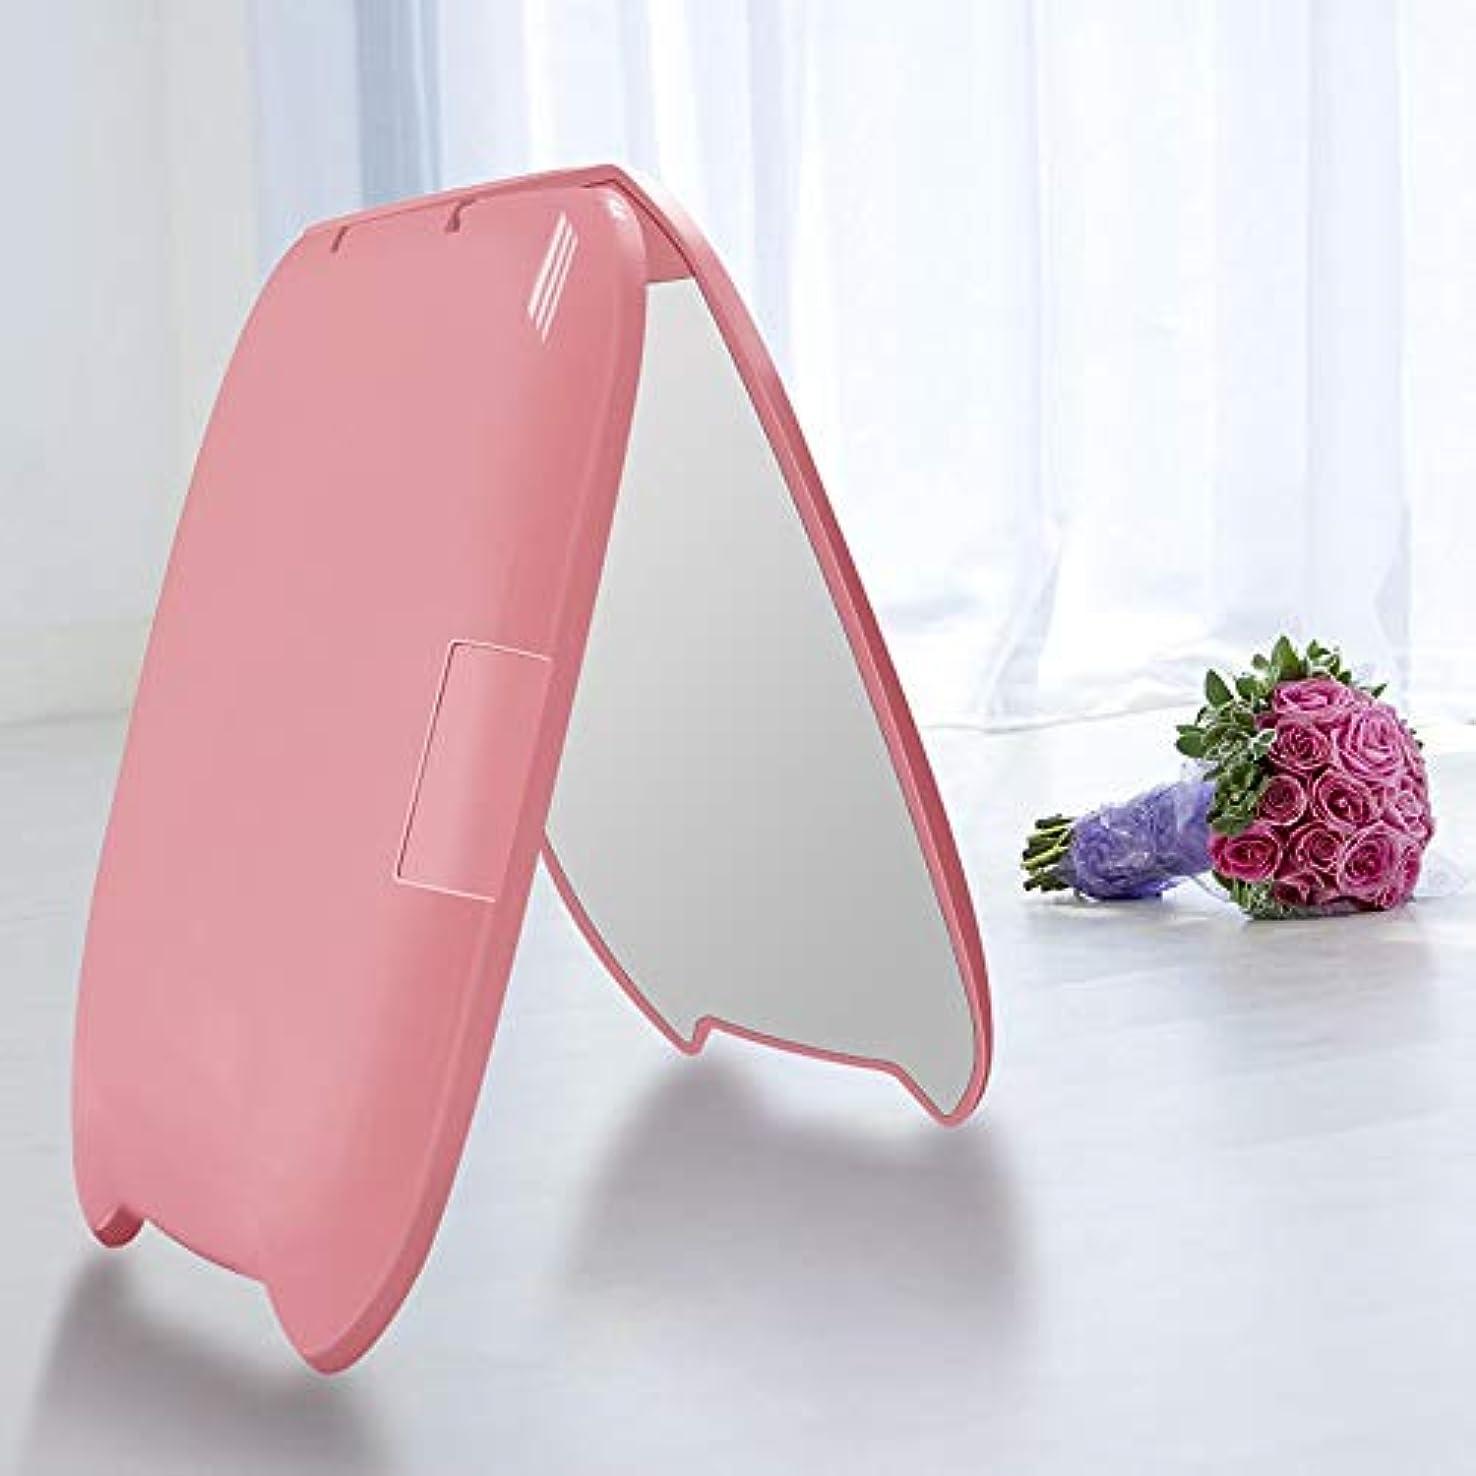 サイトフロンティアやけど流行の ミニポータブル猫耳LED化粧鏡2回化粧小さな化粧鏡美容鏡化粧鏡ピンク